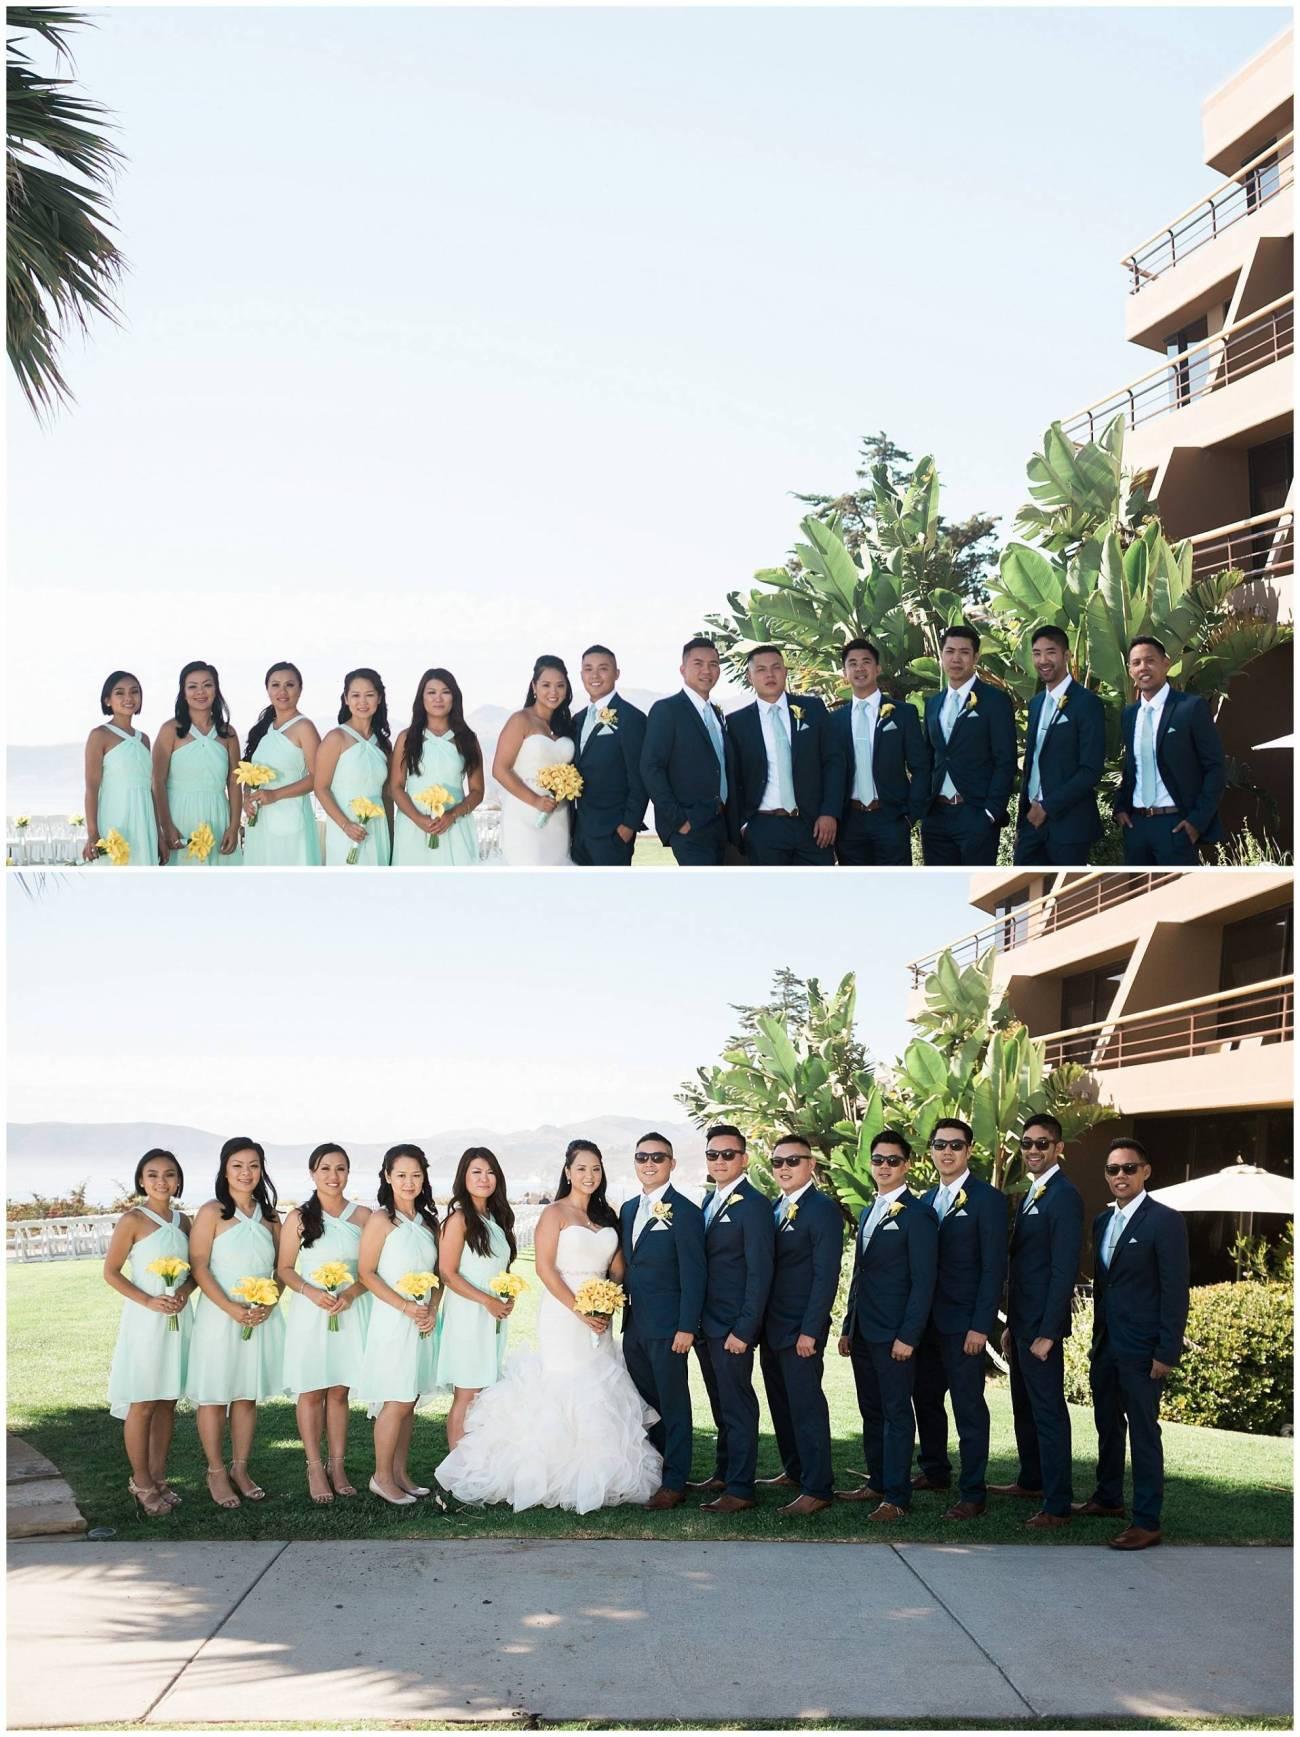 Ha & Allen Wedding Third Element Photography & Cinema Pismo Beach Cliffs Resort Central Coast Hybrid Film Wedding Photographer_0018